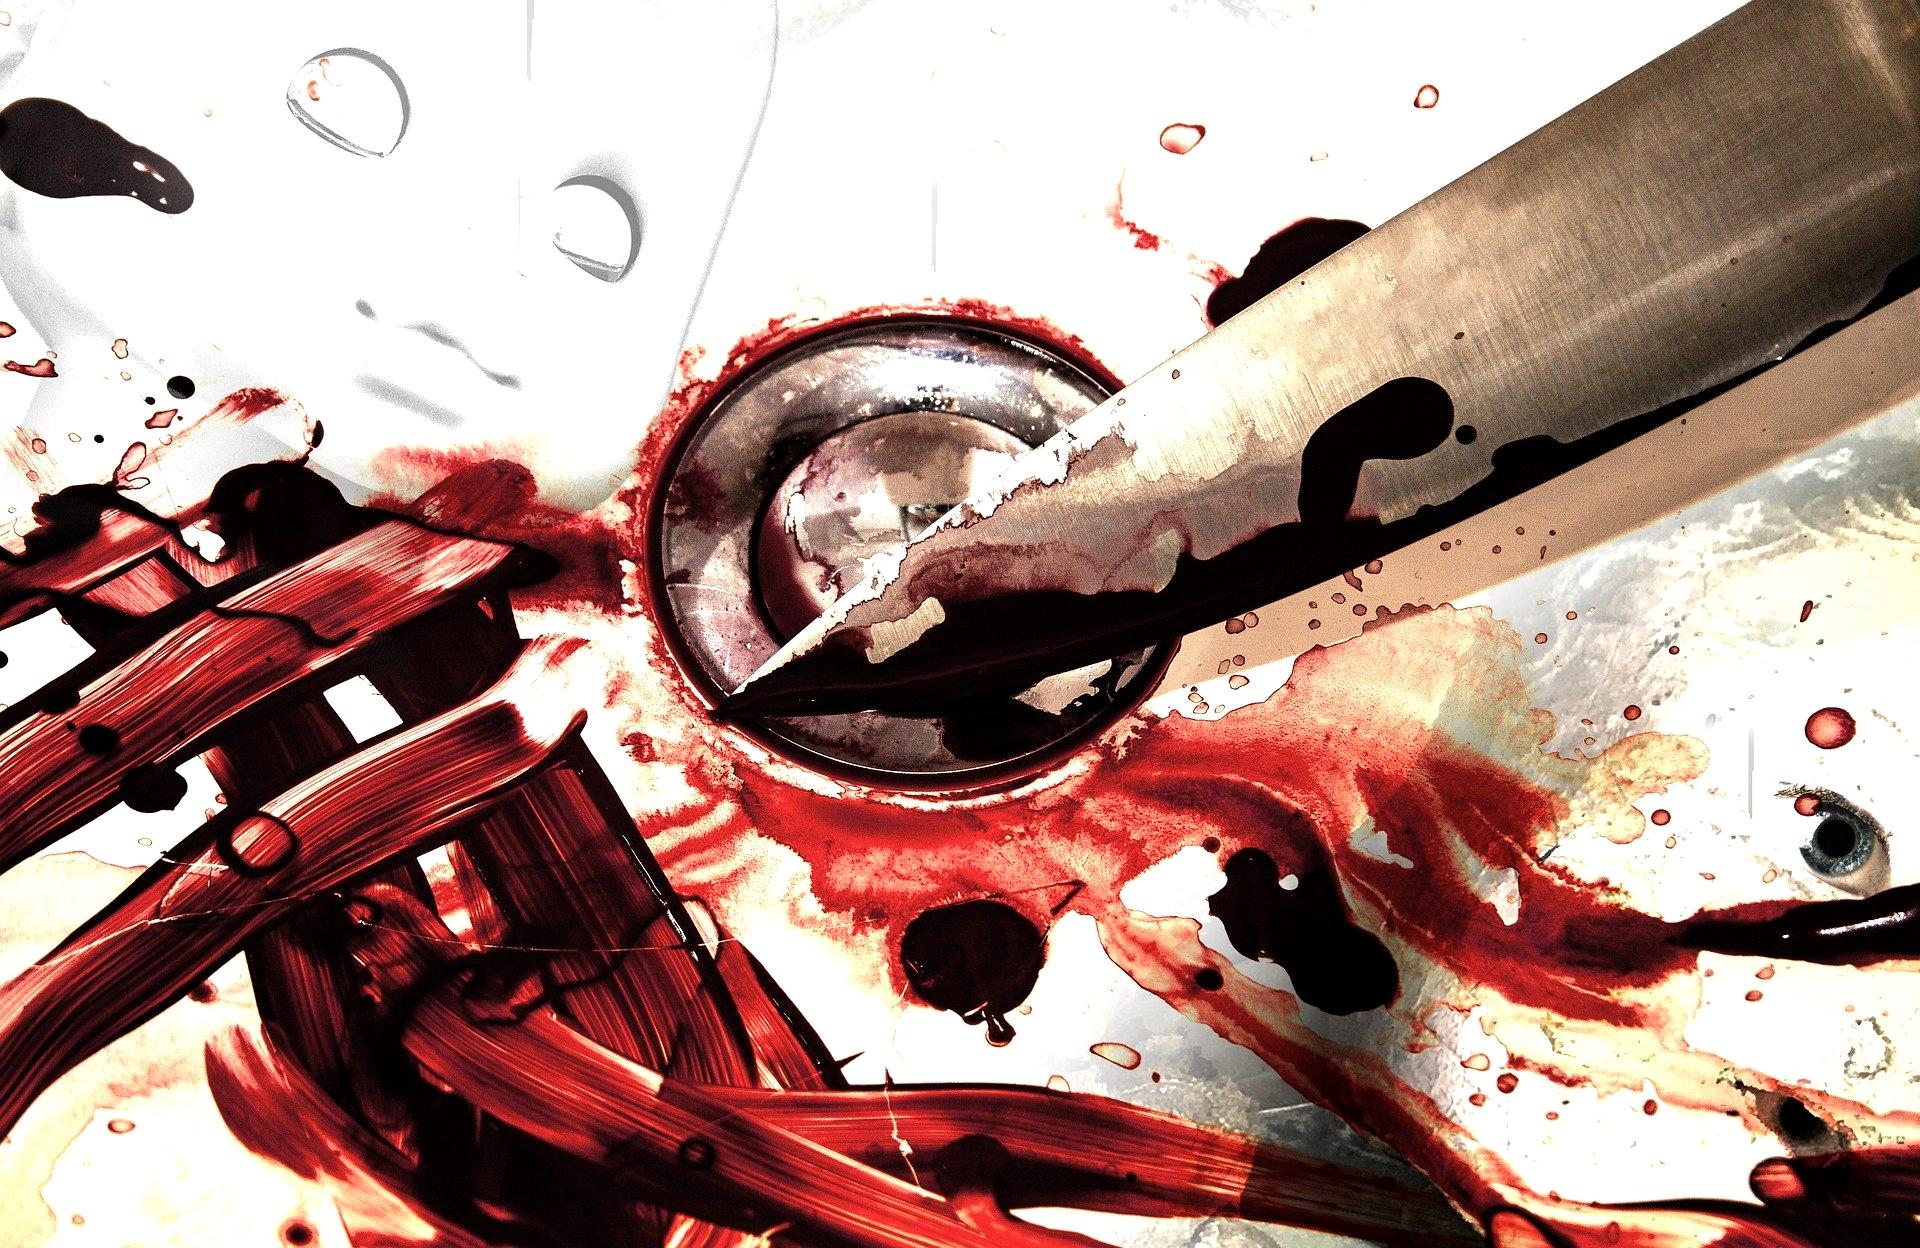 Zadał cios nożem w klatkę piersiową. Odpowie za usiłowanie zabójstwa - Zdjęcie główne